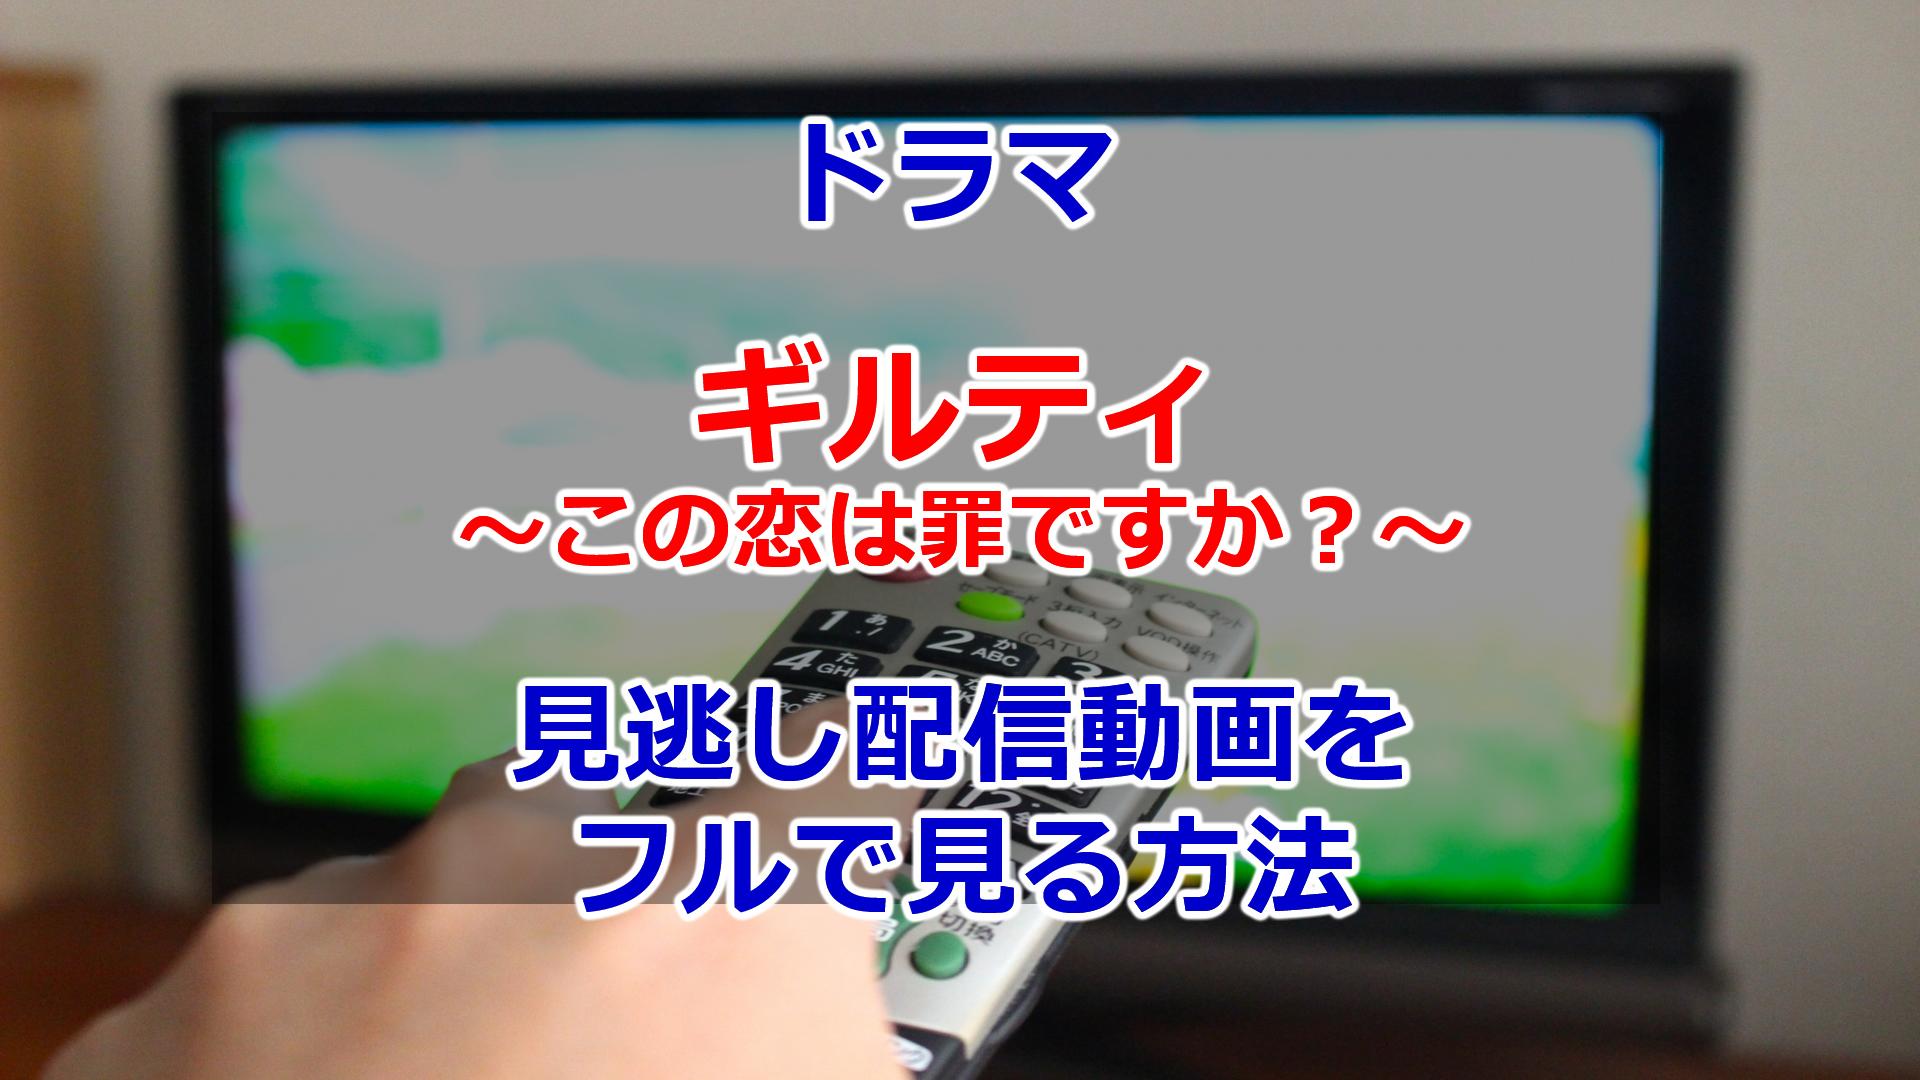 ドラマギルティ~この恋は罪ですか?~見逃し配信動画をフル視聴する方法